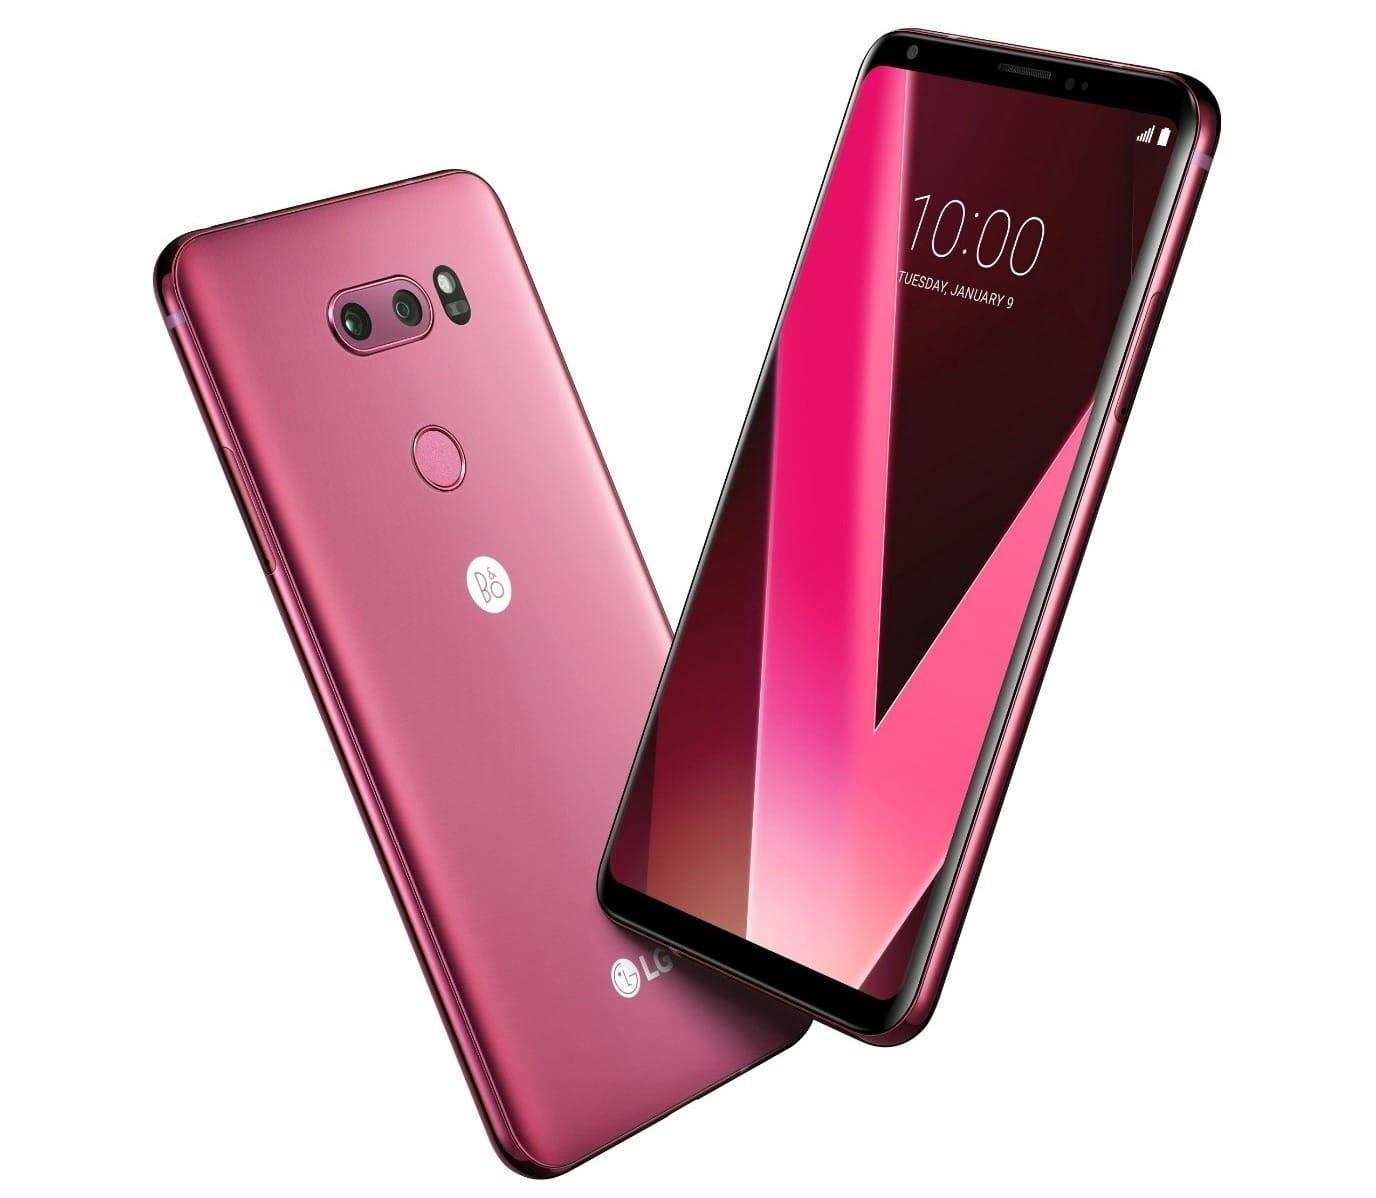 Представлен розово-малиновыйLG V30